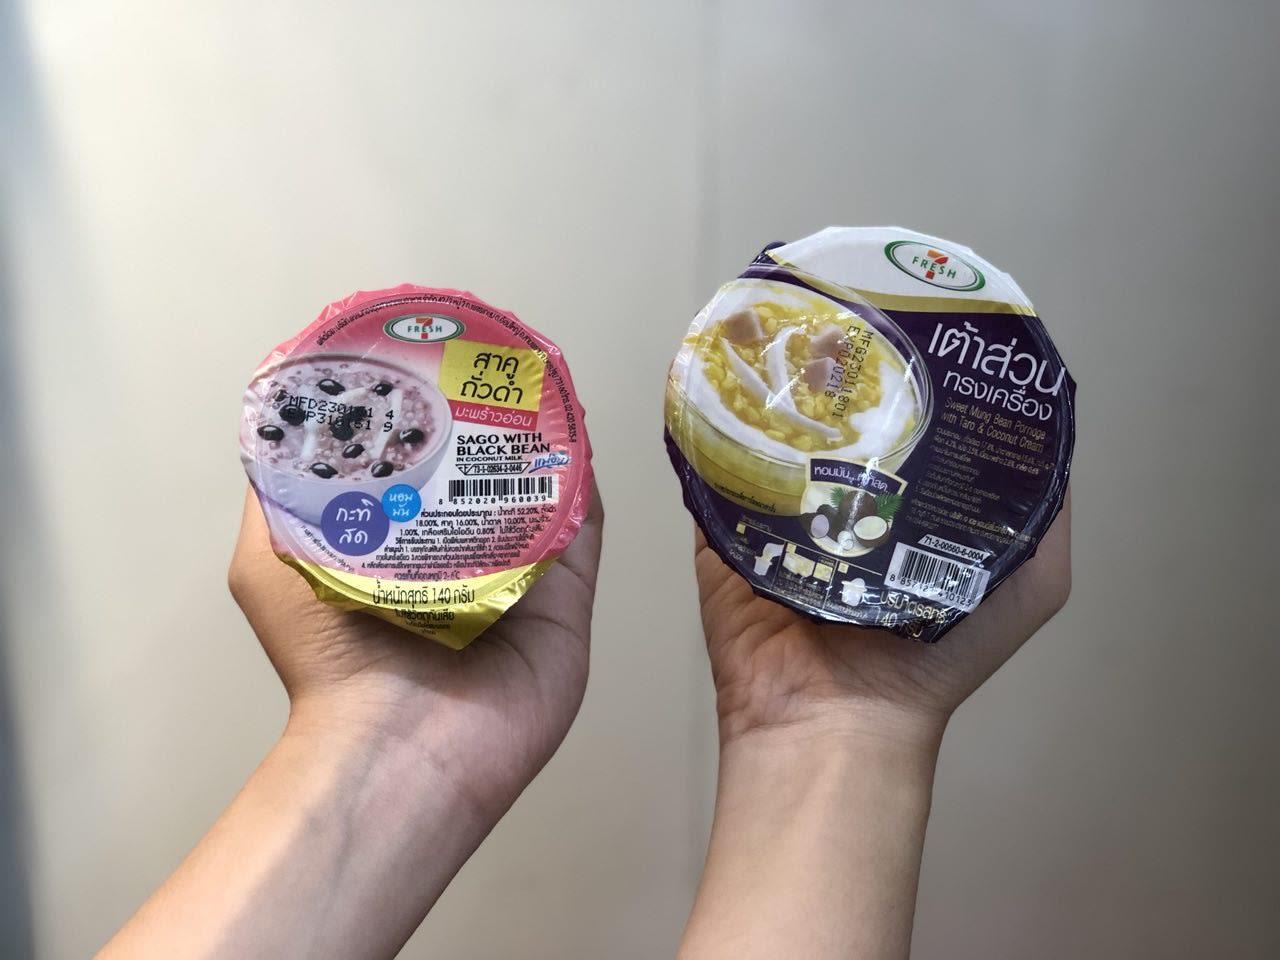 7-11 bangkok rice pudding